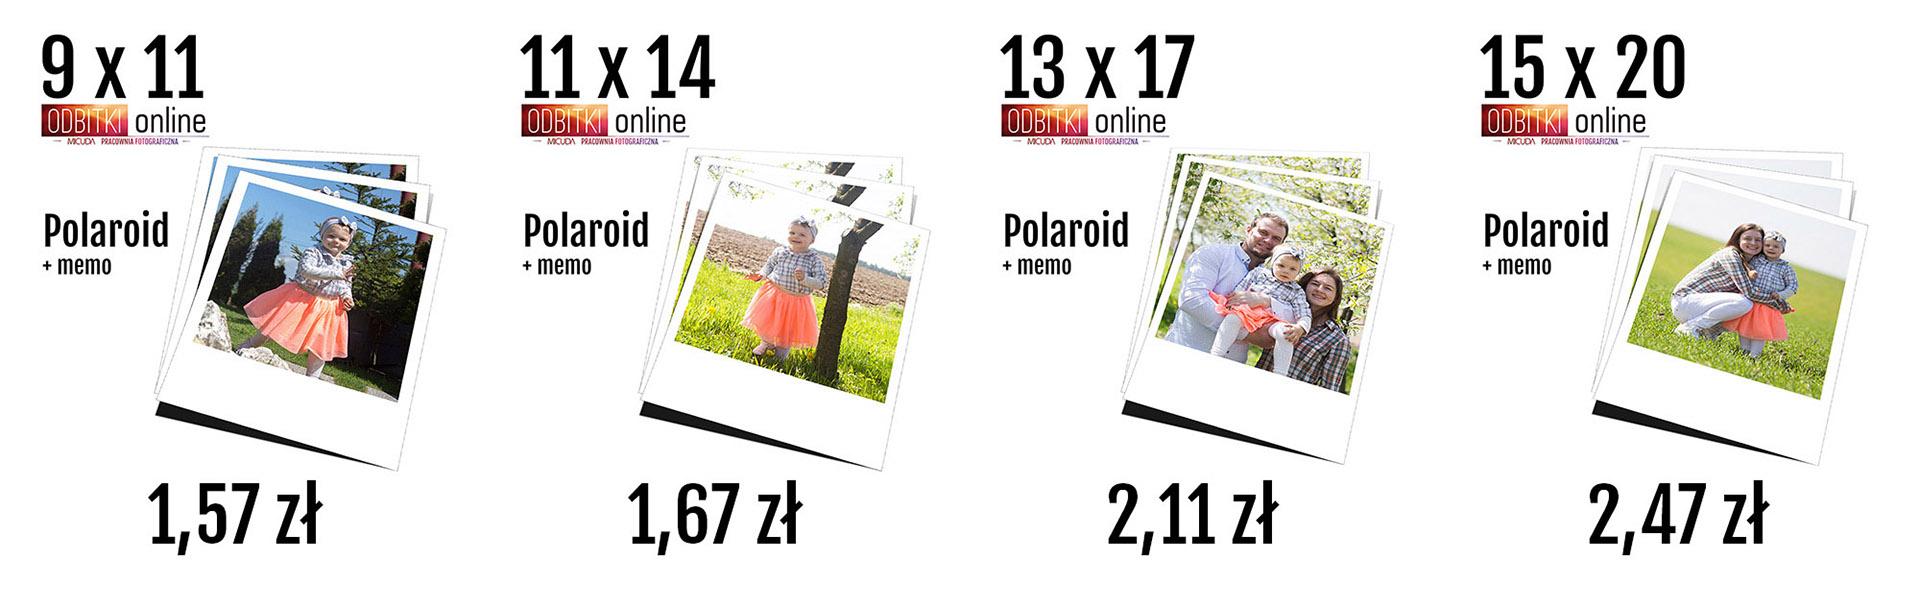 Odbitki Online Polaroid Memo - Pracownia Fotograficzna Micuda